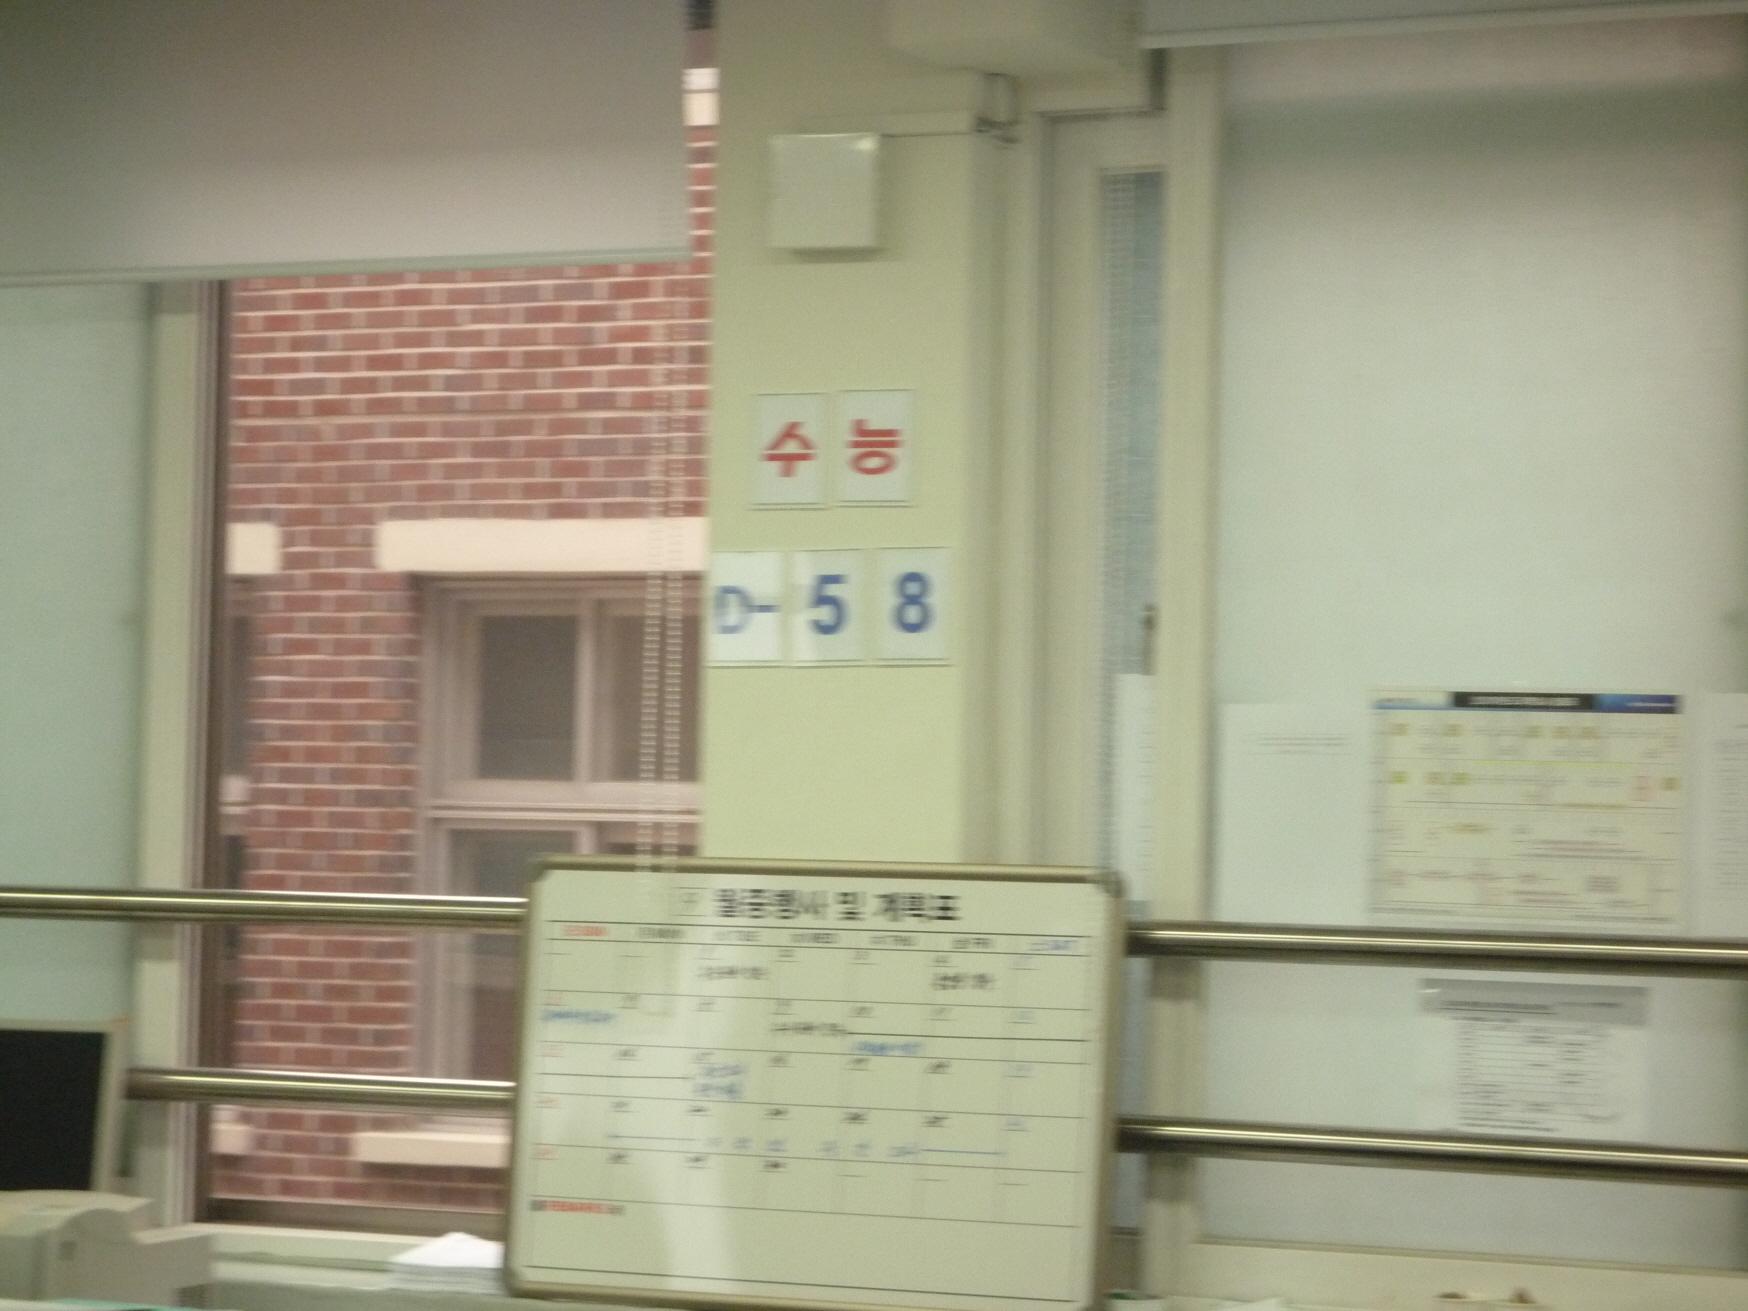 2009/09/16 3학년 교실 풍경 첨부이미지